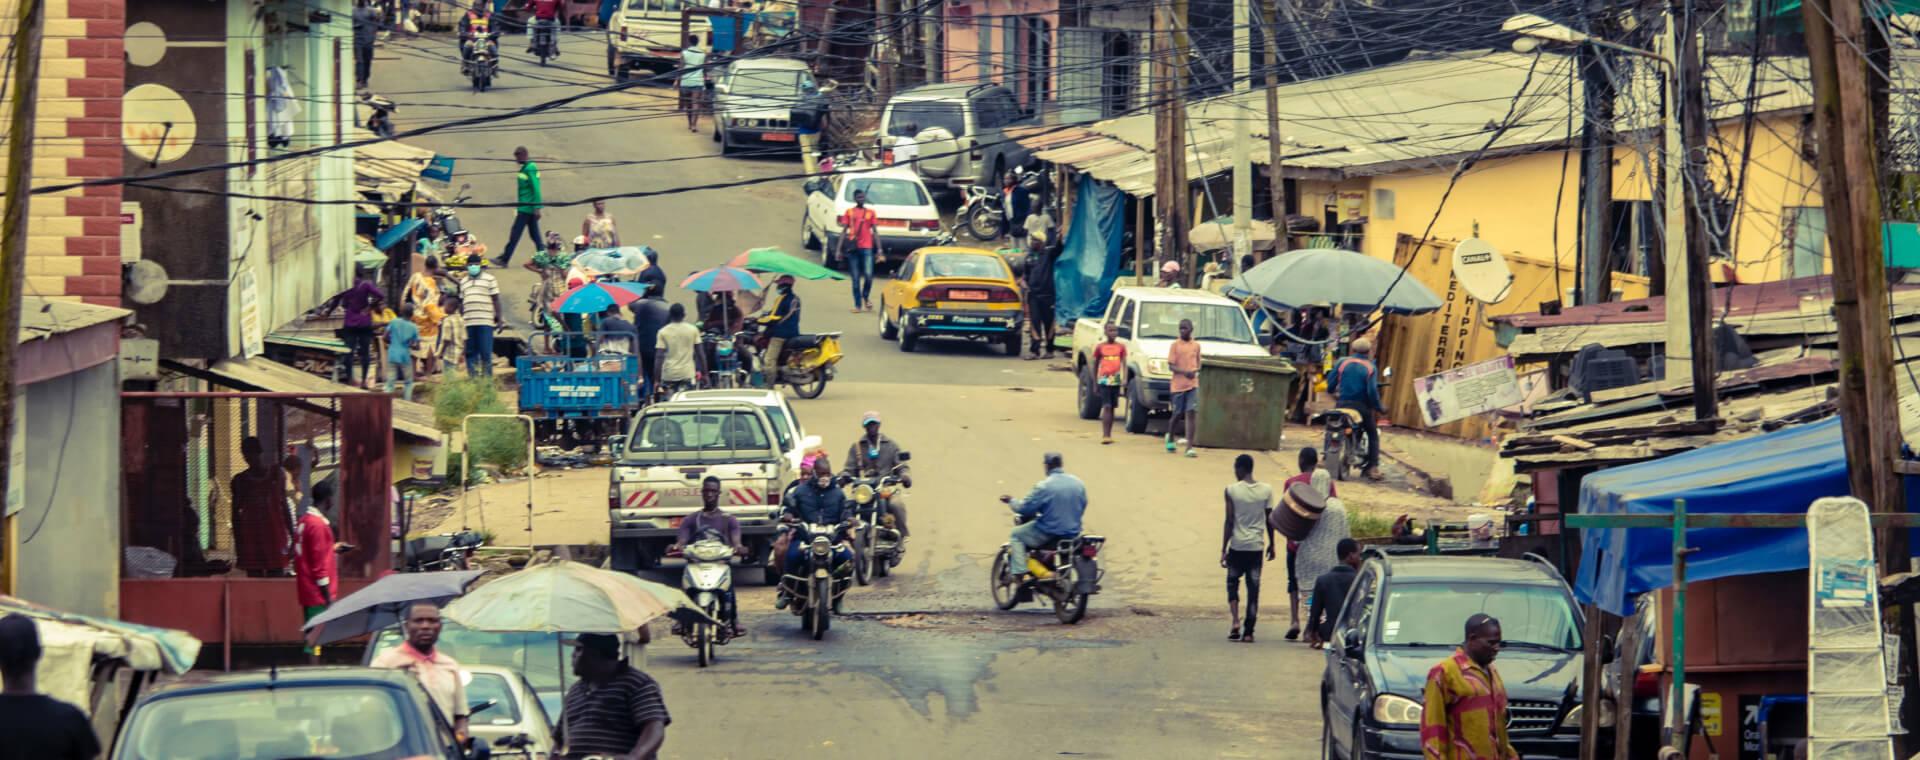 Cameroon risks illustration